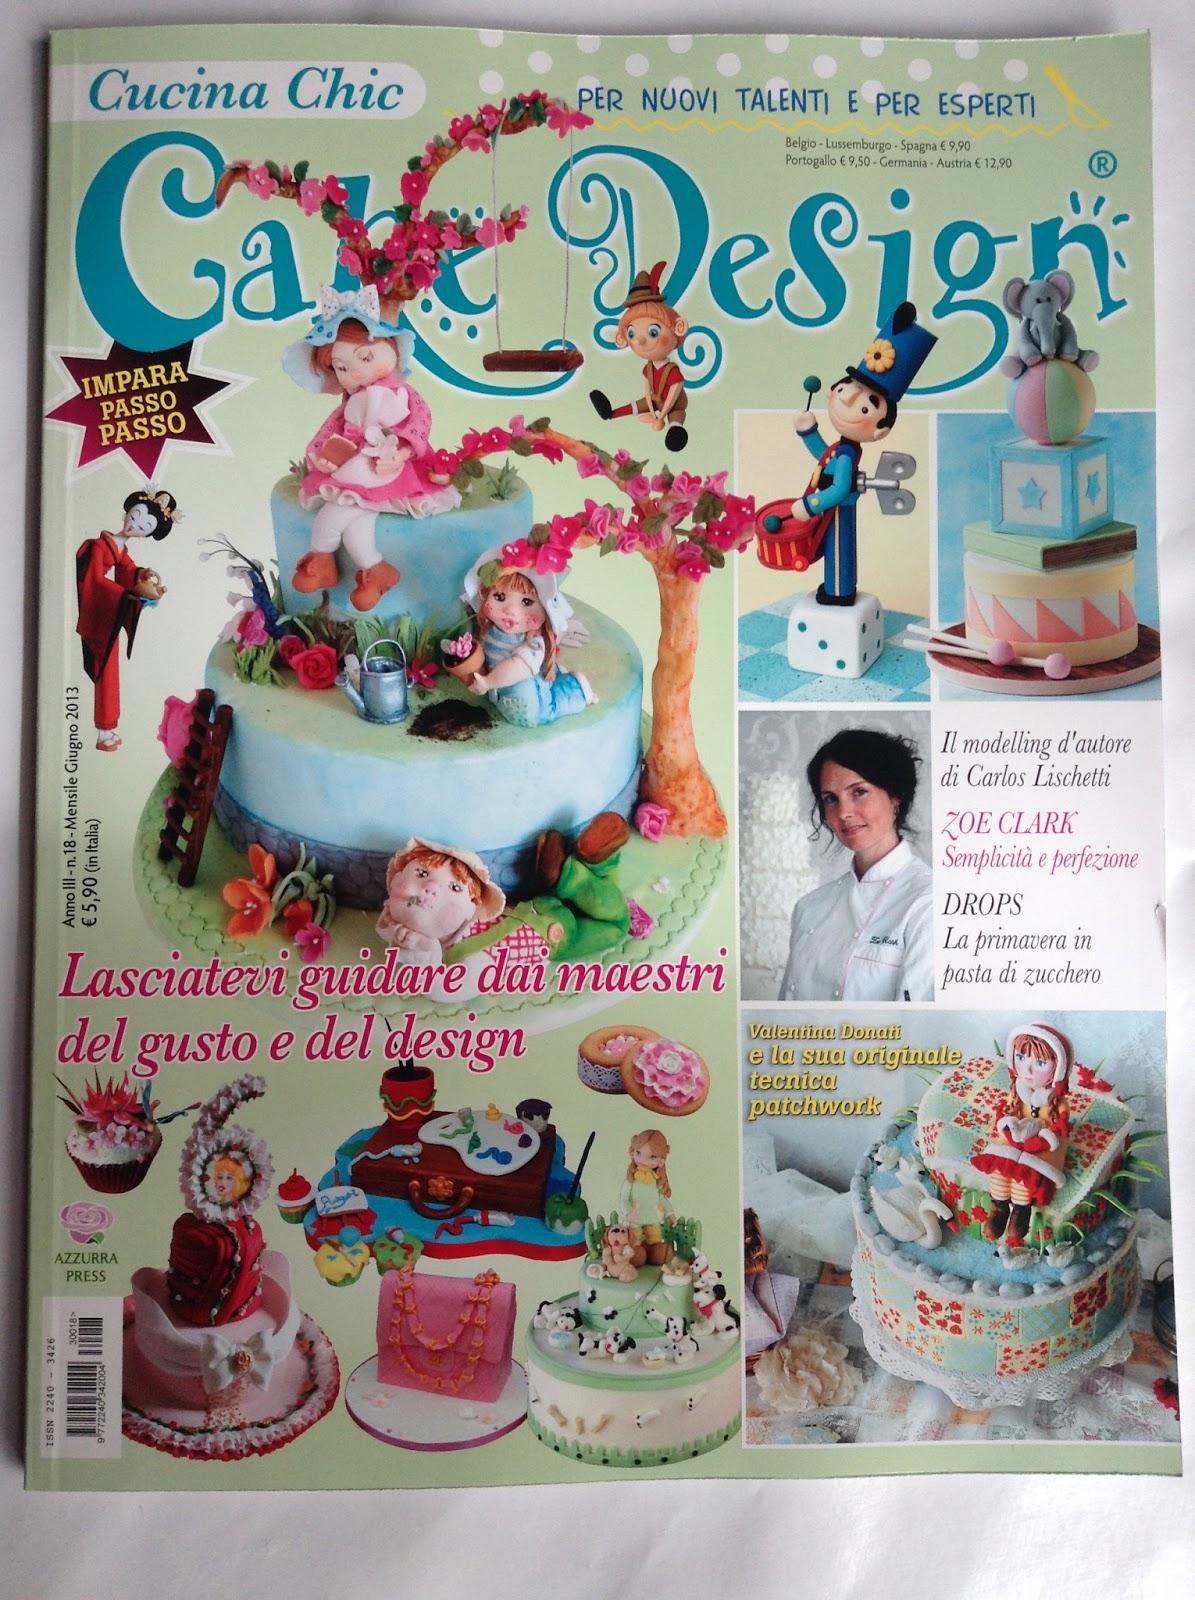 Le torte di Mariposa: Su CAKE DESIGN-CUCINA CHIC di Maggio ...